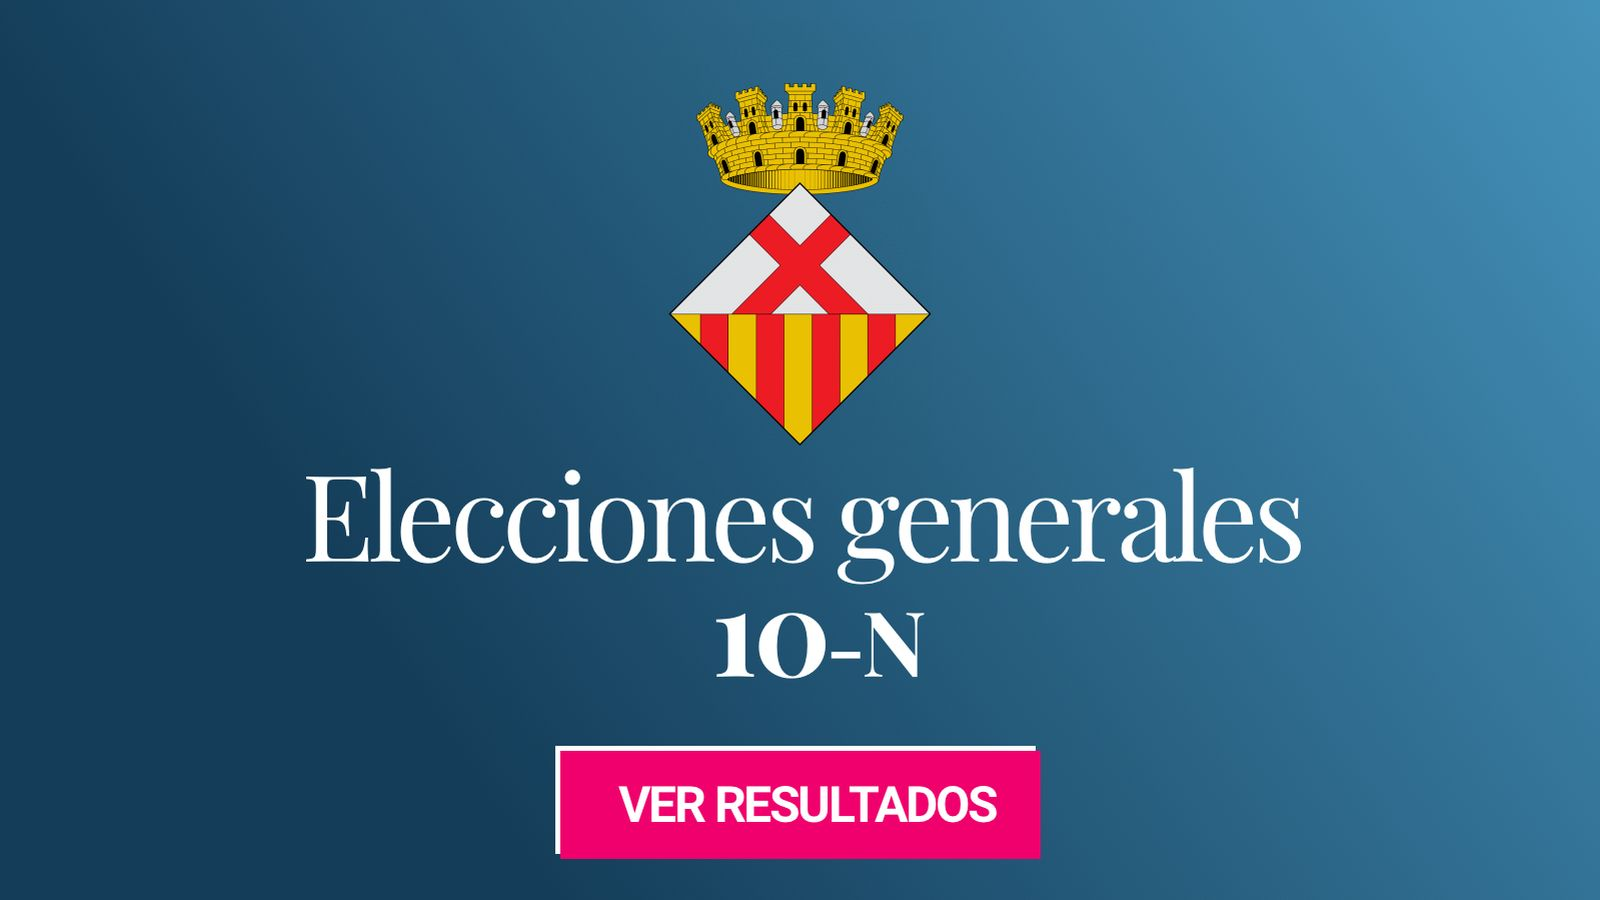 Foto: Elecciones generales 2019 en L Hospitalet de Llobregat. (C.C./EC)